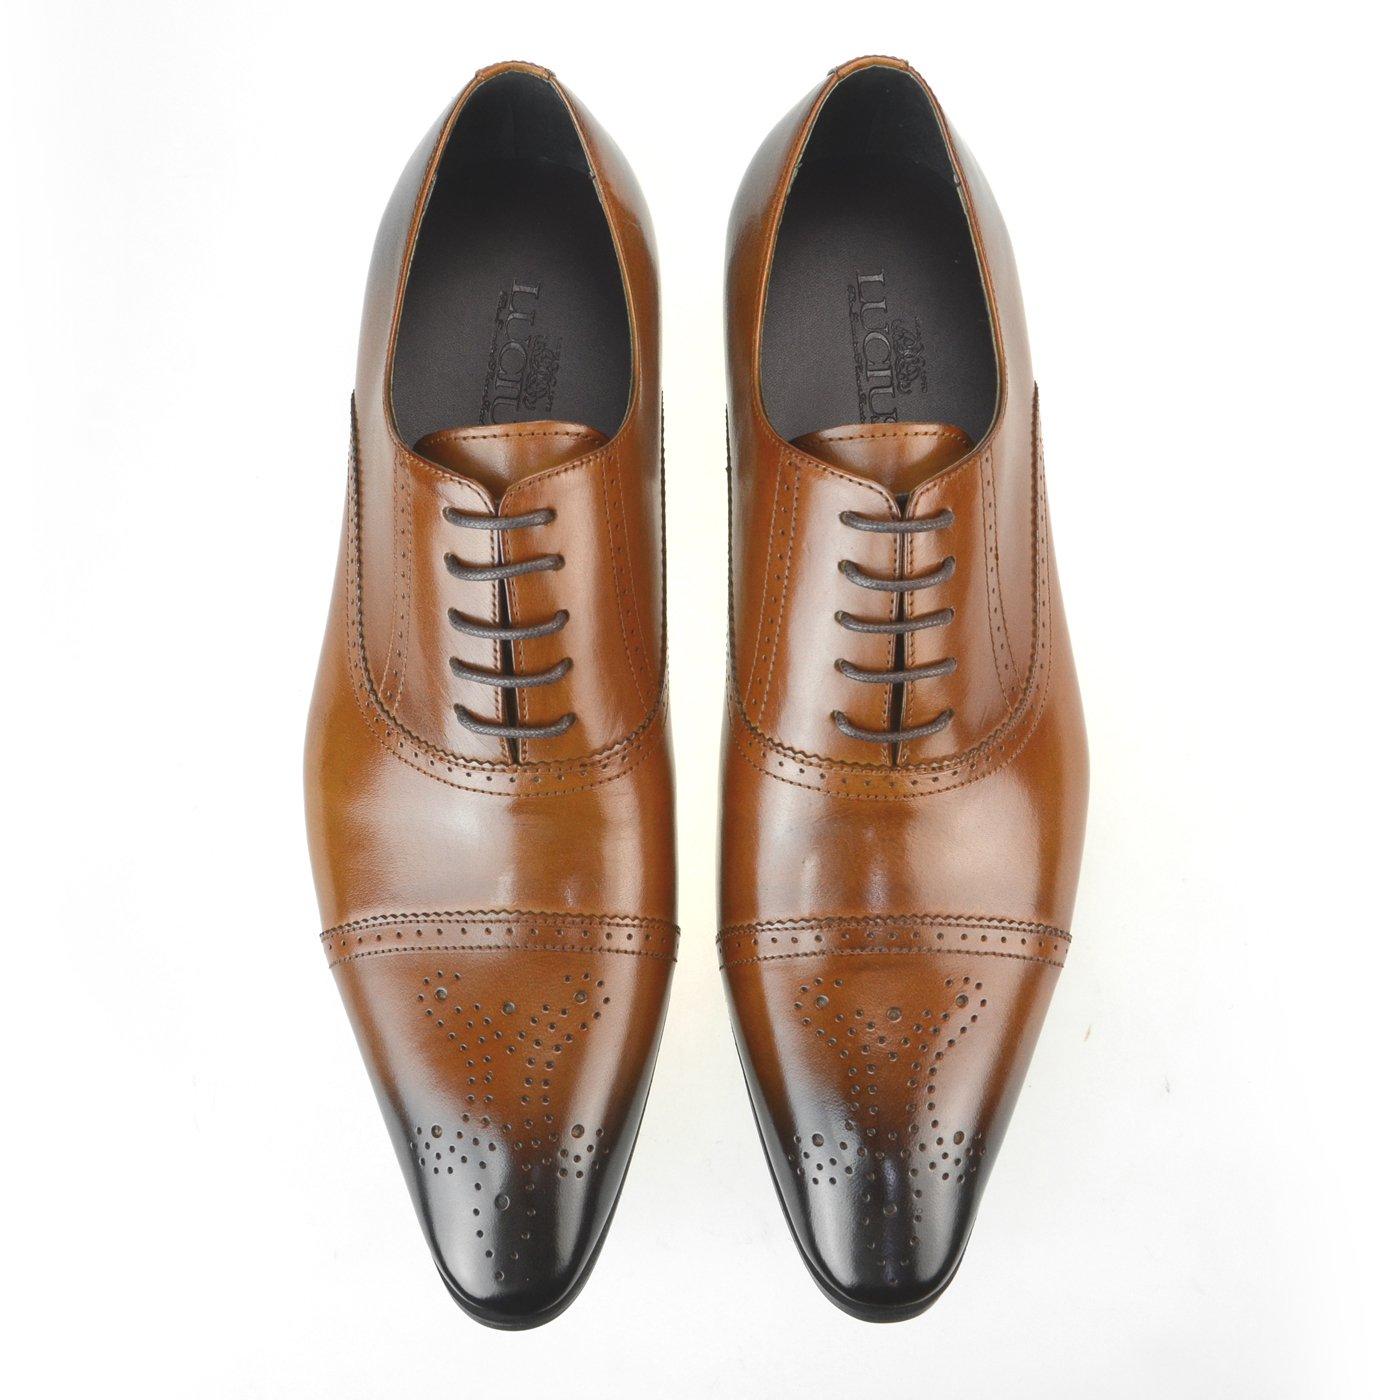 [ルシウス] LUCIUS メンズ 本革 レザー 革靴 ビジネスシューズ メダリオン 穴飾り 紳士靴 ロングノーズ ラウンド ポインテッド トゥ 【 AZ245B 】 B016NNA4J4 25.0 cm 3E LLT79-1 ブラウン